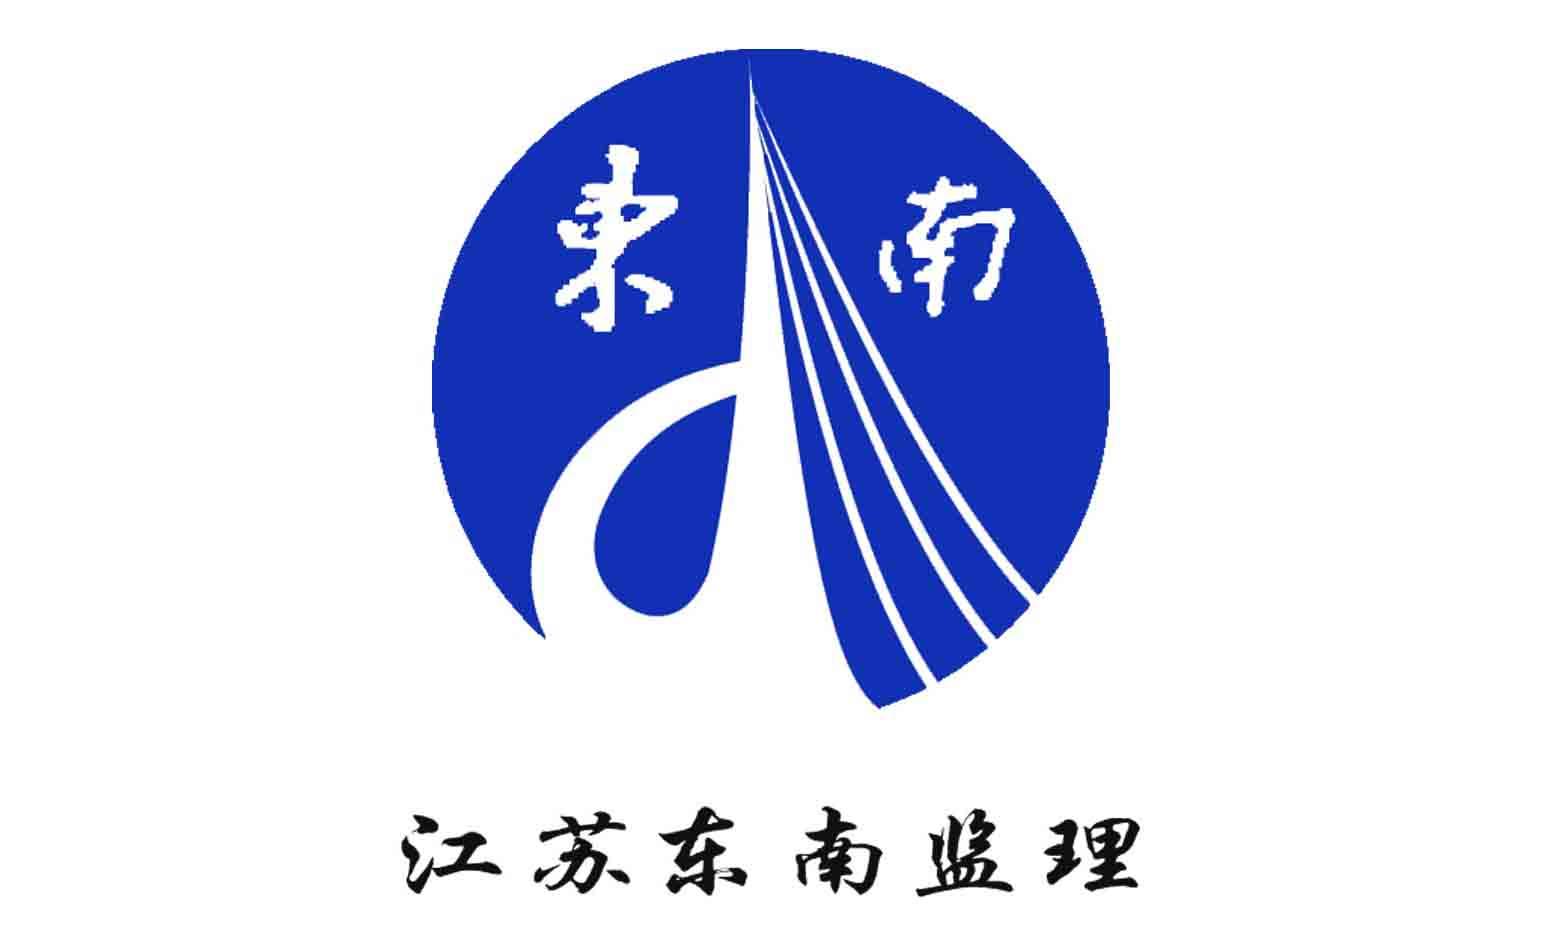 江苏东南工程咨询有限公司